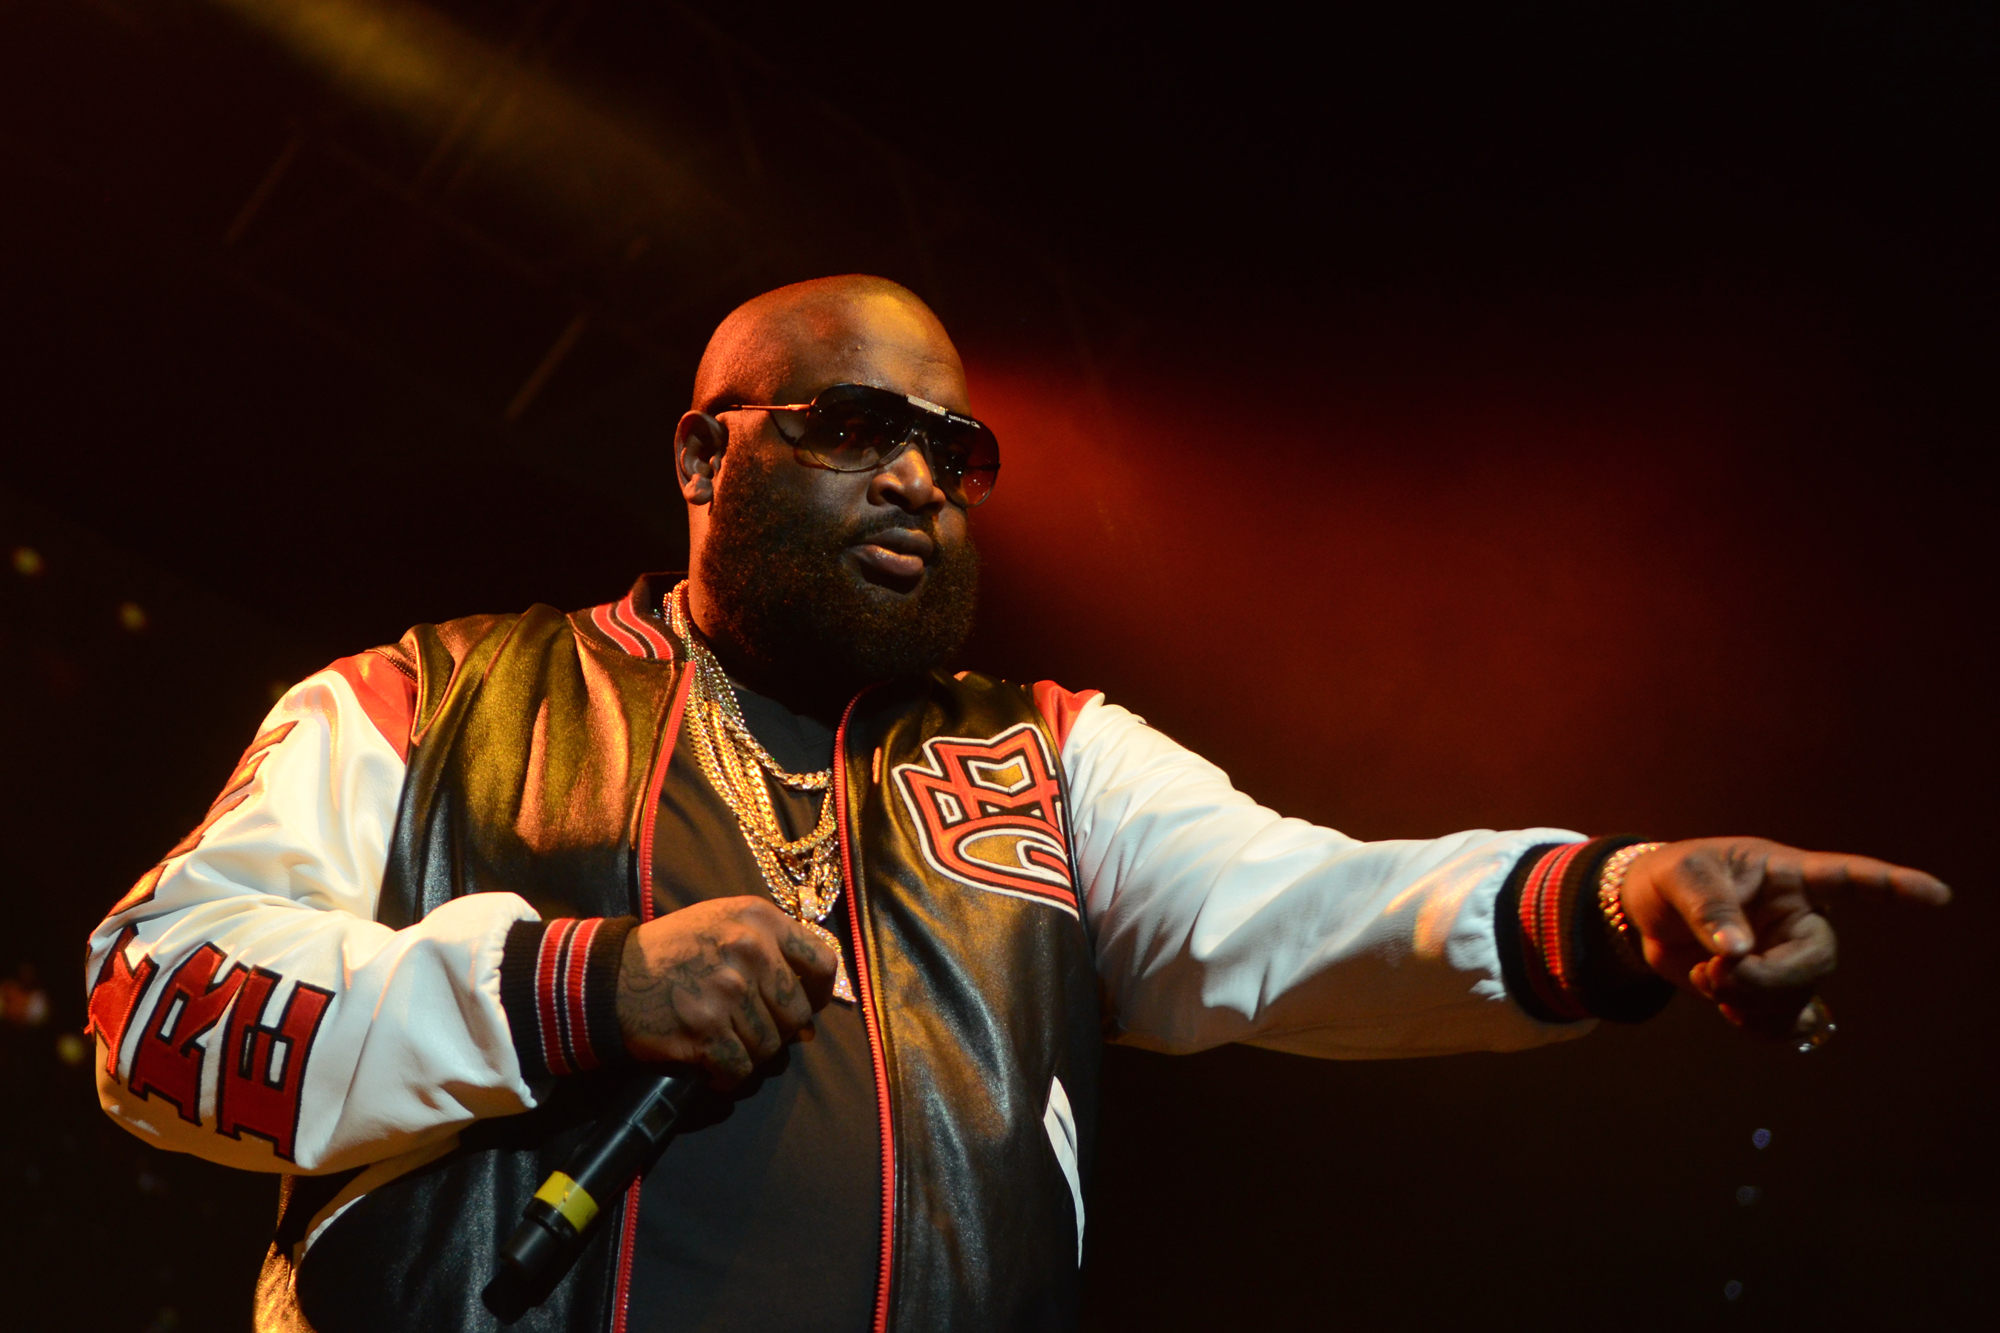 RICK ROSS gangsta rapper rap hip hop microphone concert g wallpaper 2000x1333